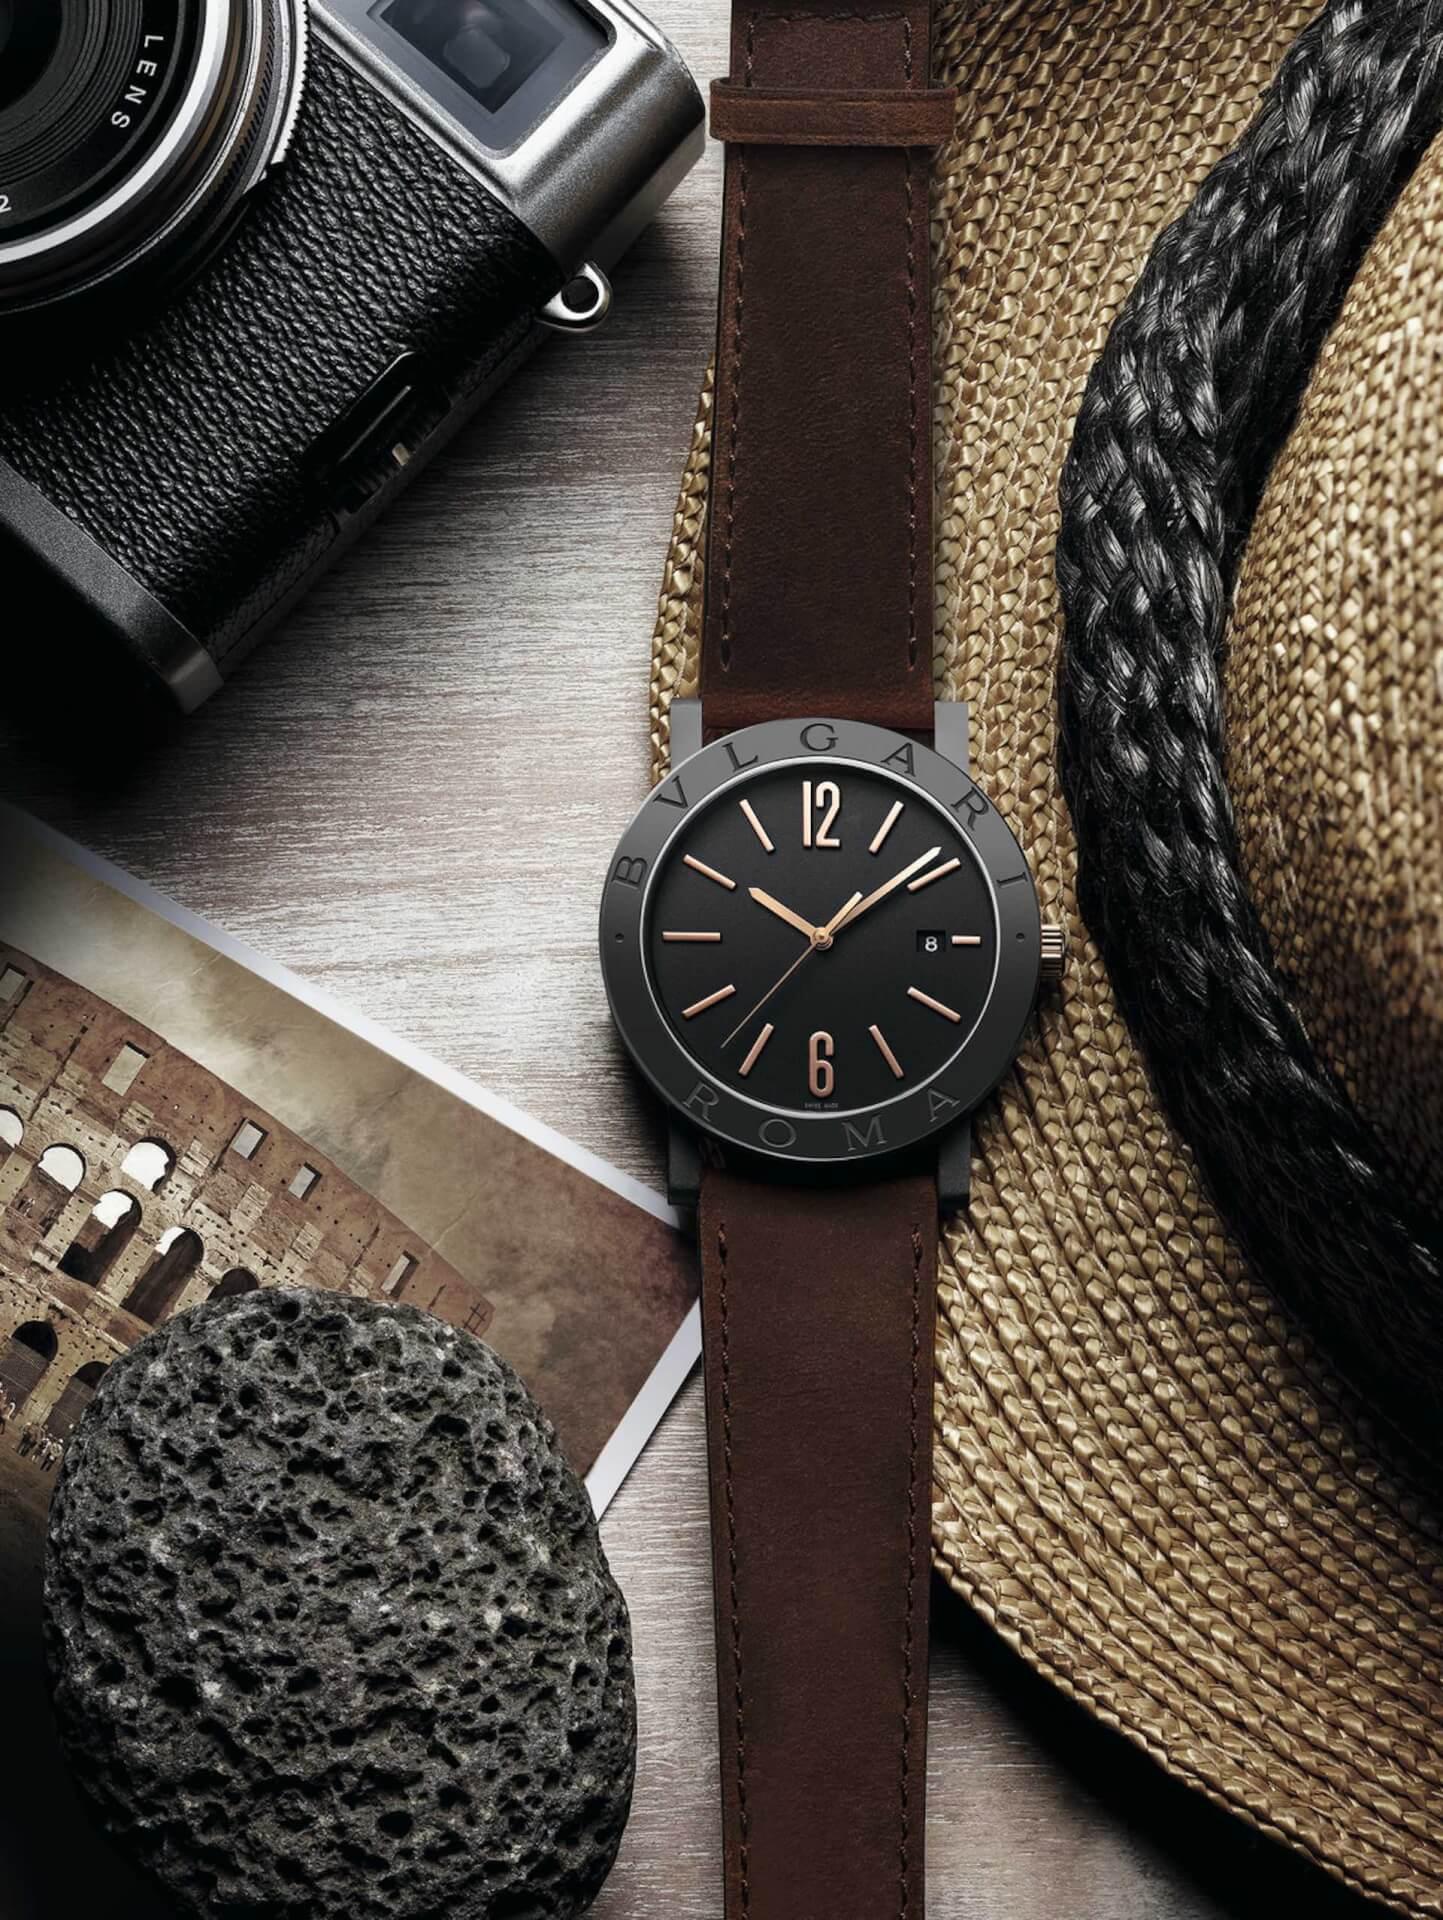 BVLGARIから腕時計「シティーズ限定モデル 2020」よりTOKYOモデルが先行発売決定!アートプリントが付属 lf200702_bvlgari_tokyowatch_07